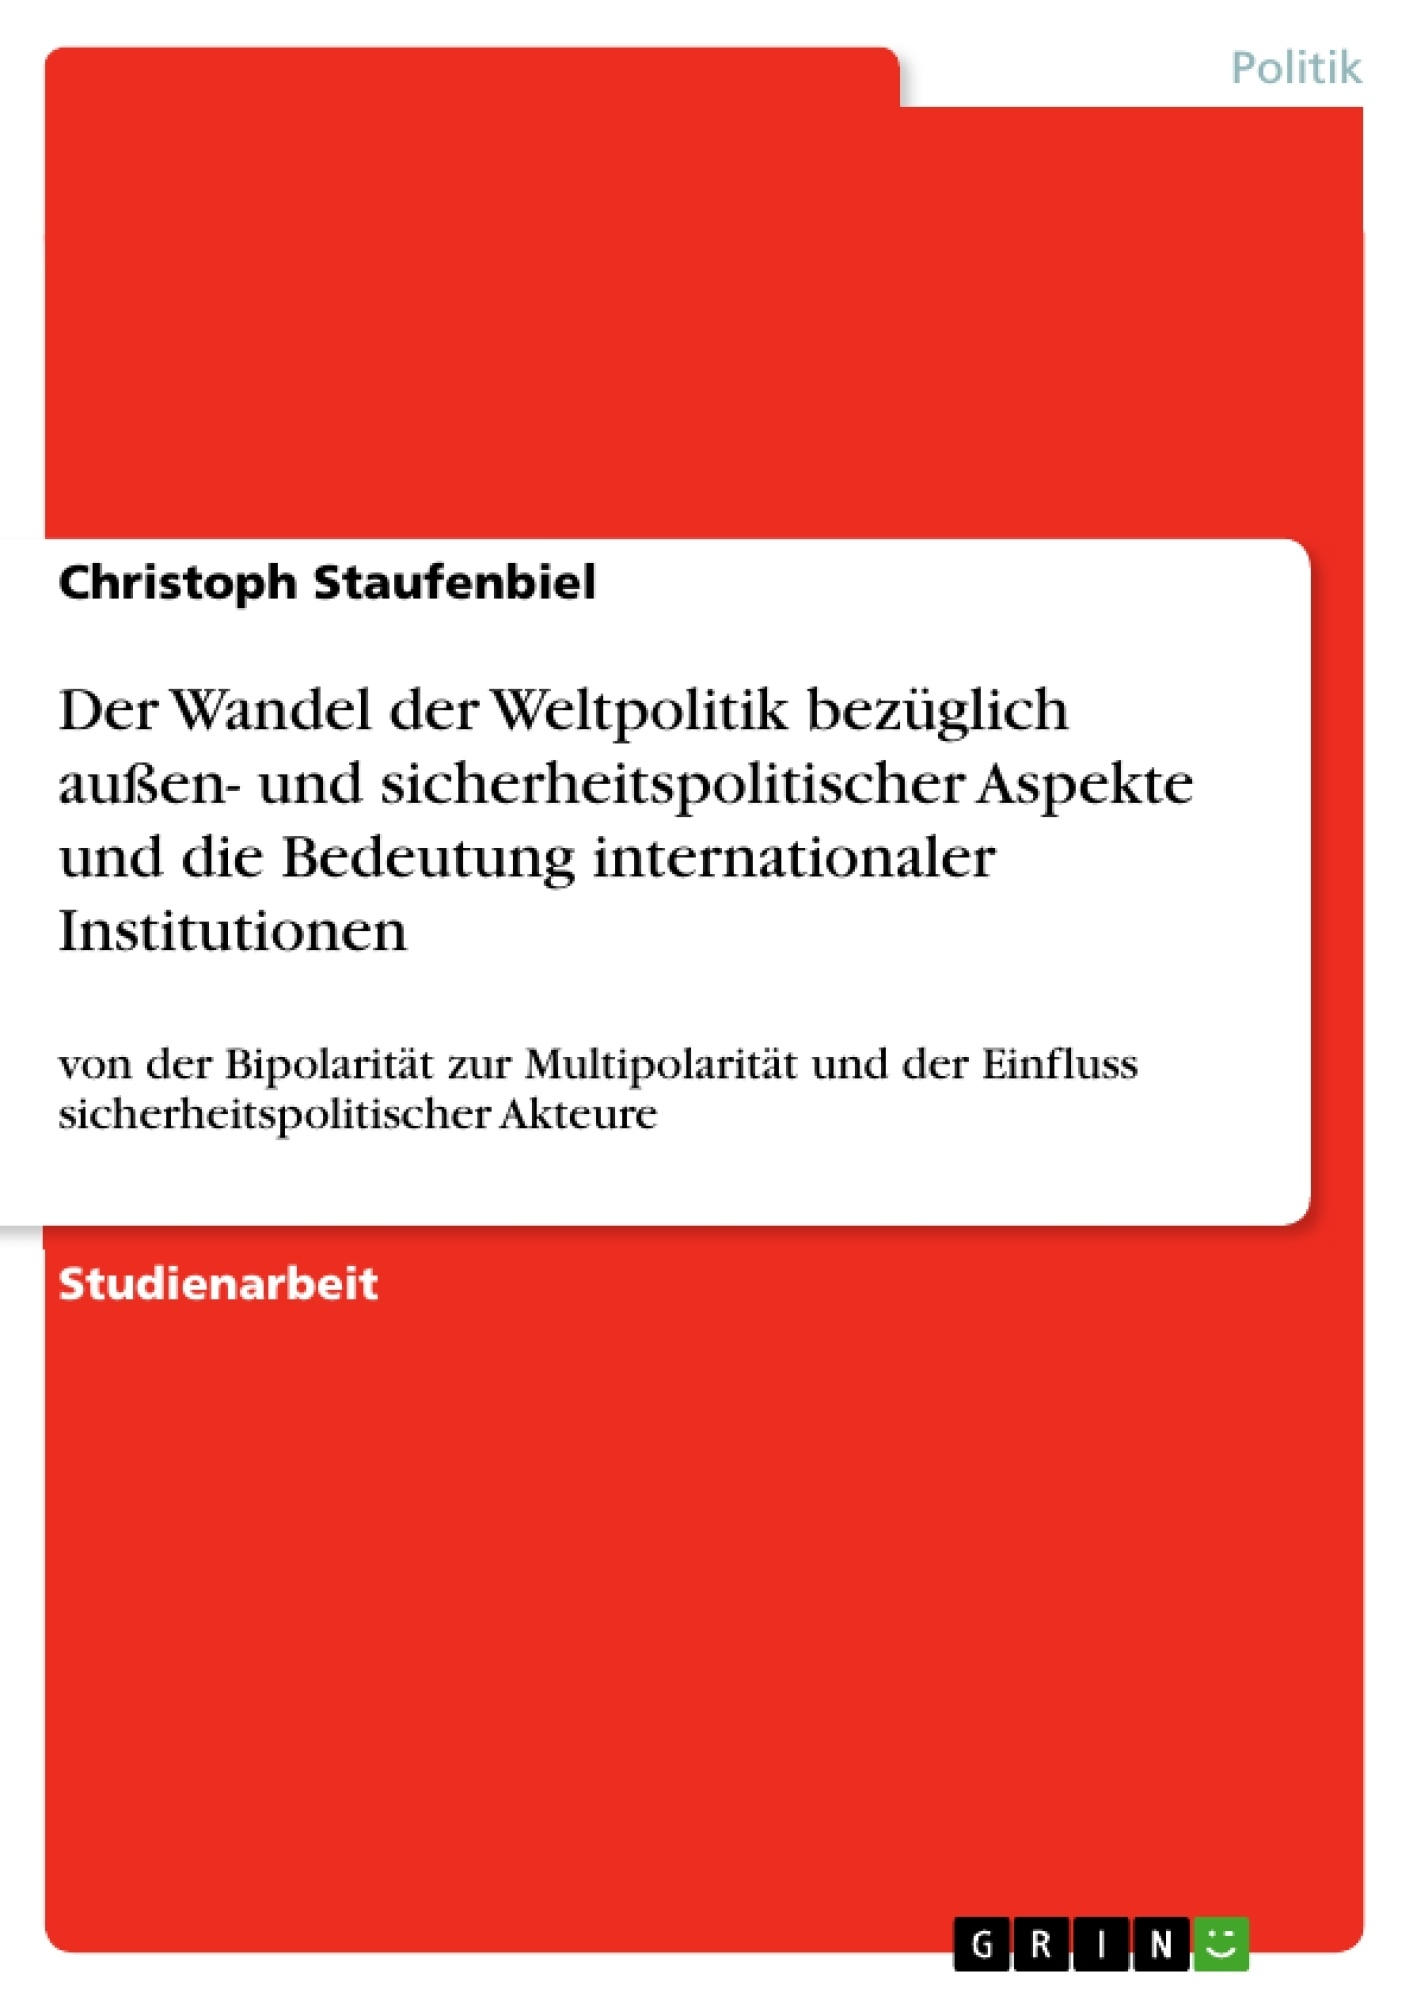 Titel: Der Wandel der Weltpolitik bezüglich außen- und sicherheitspolitischer Aspekte und die Bedeutung internationaler Institutionen